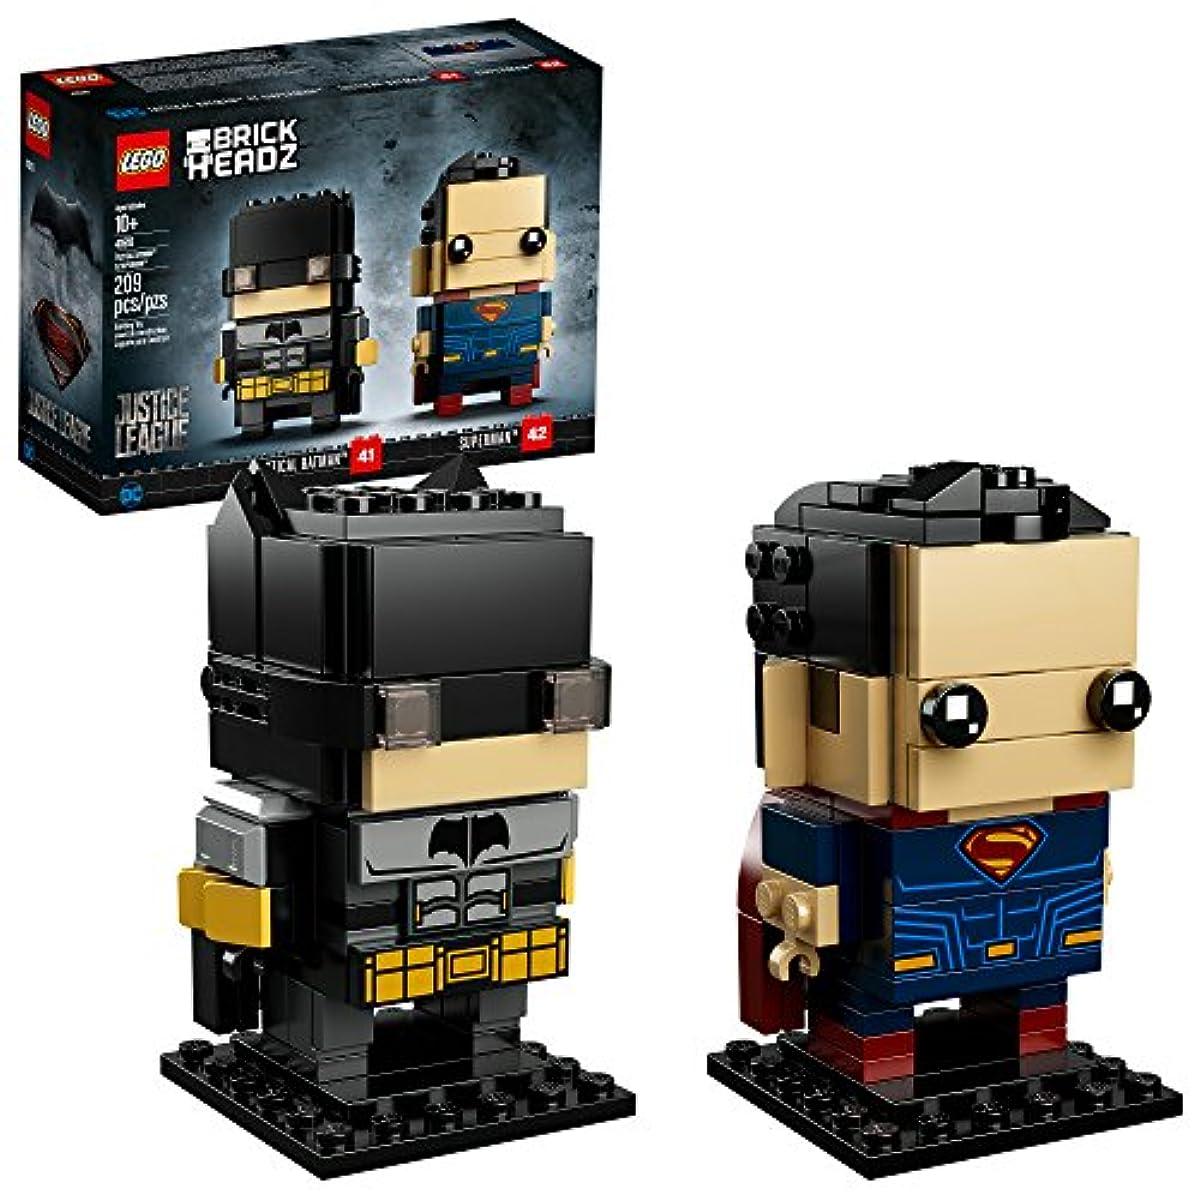 [해외] LEGO BRICKHEADZ TACTICAL BATMAN & SUPERMAN 41610 BUILDING KIT (209 PIECE), MULTI